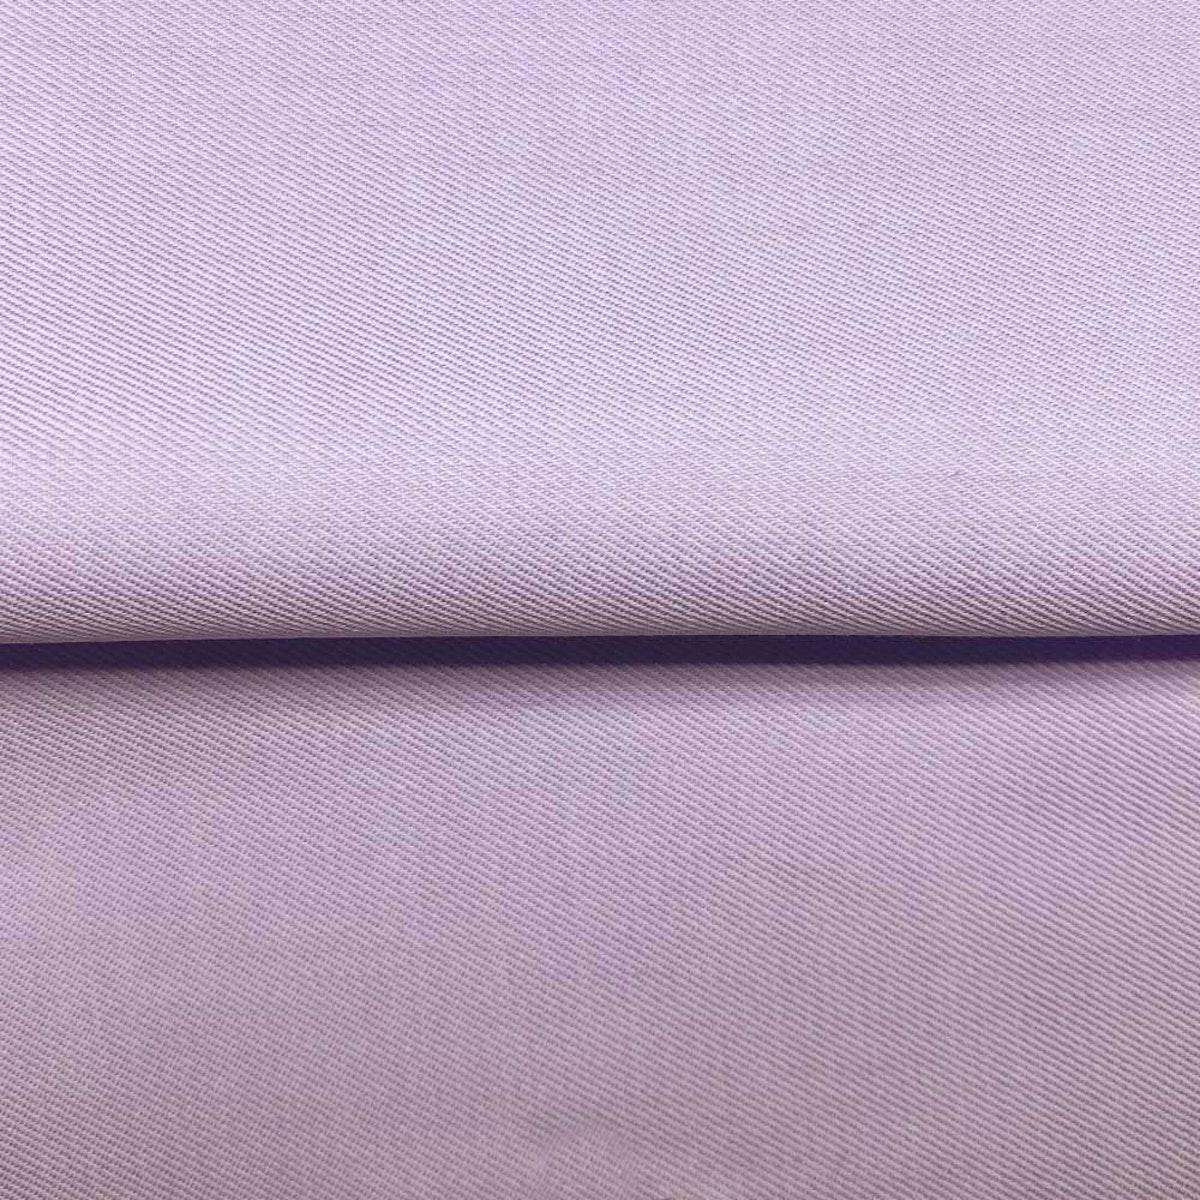 InStitchu Shirt Fabric 74